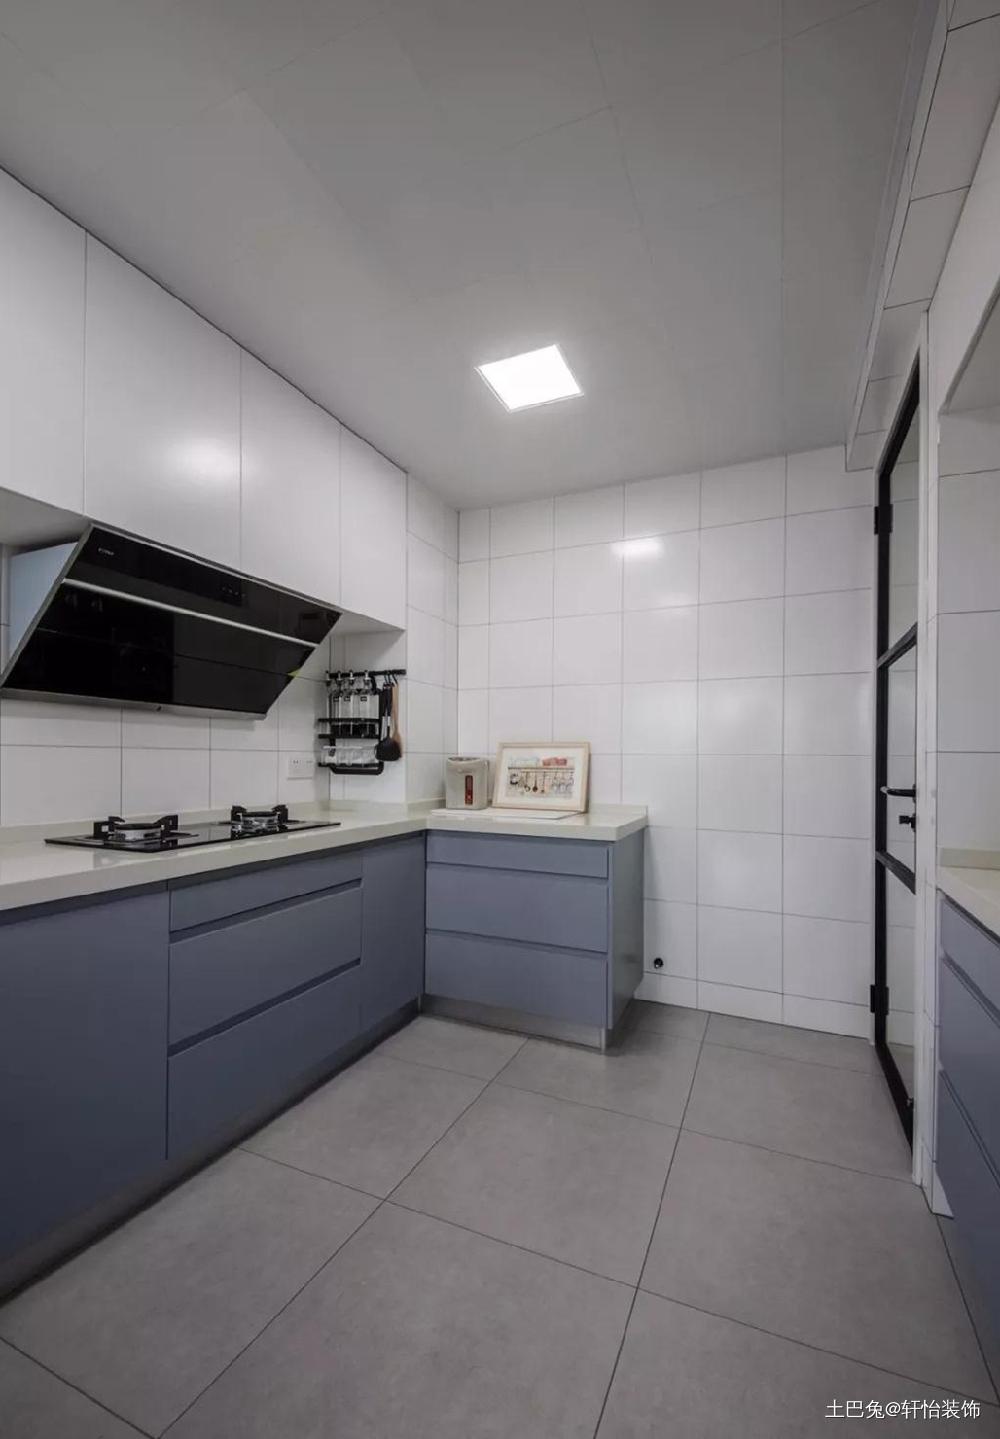 123㎡9北欧婚房客厅两扇隐形门餐厅现代简约厨房设计图片赏析